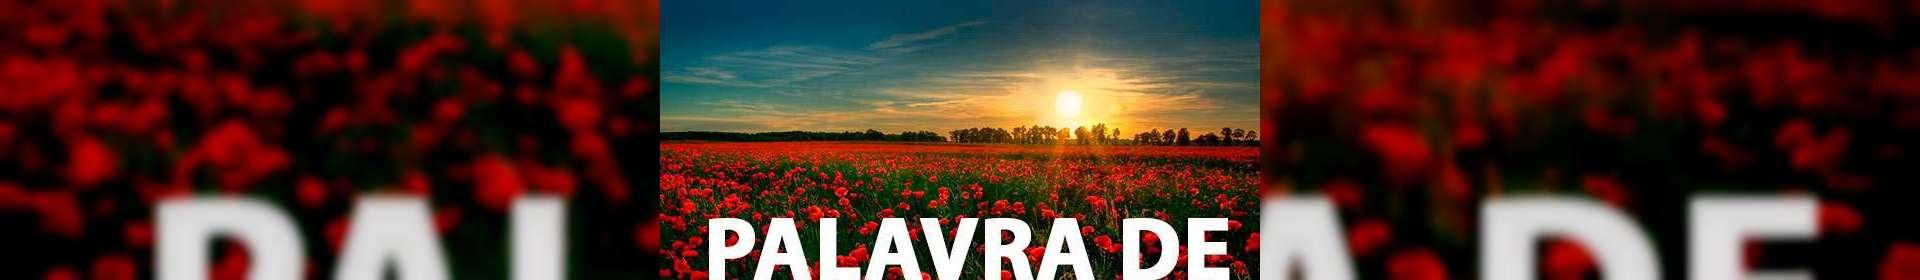 Salmos 43:3 - Uma Palavra de Esperança para sua vida